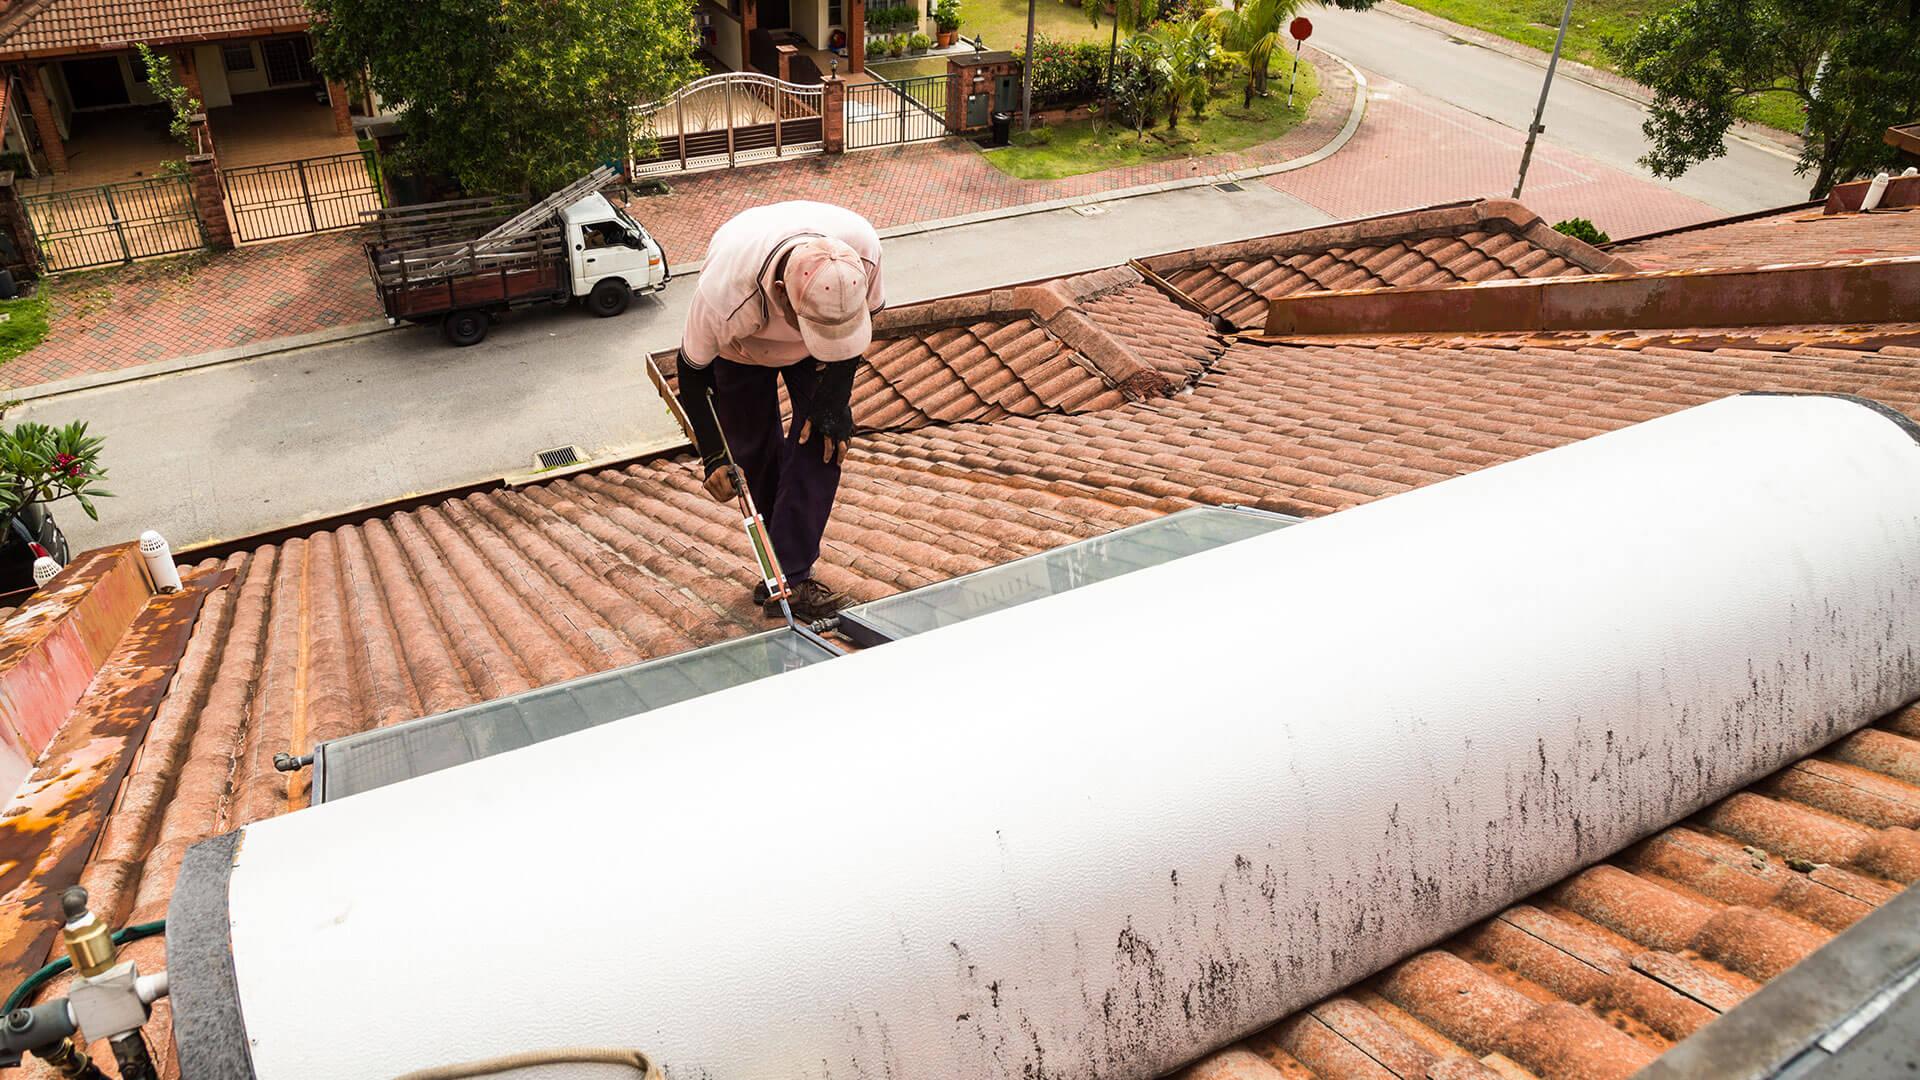 תיקון והחלפת קולטים לדודי שמש על גג רעפים